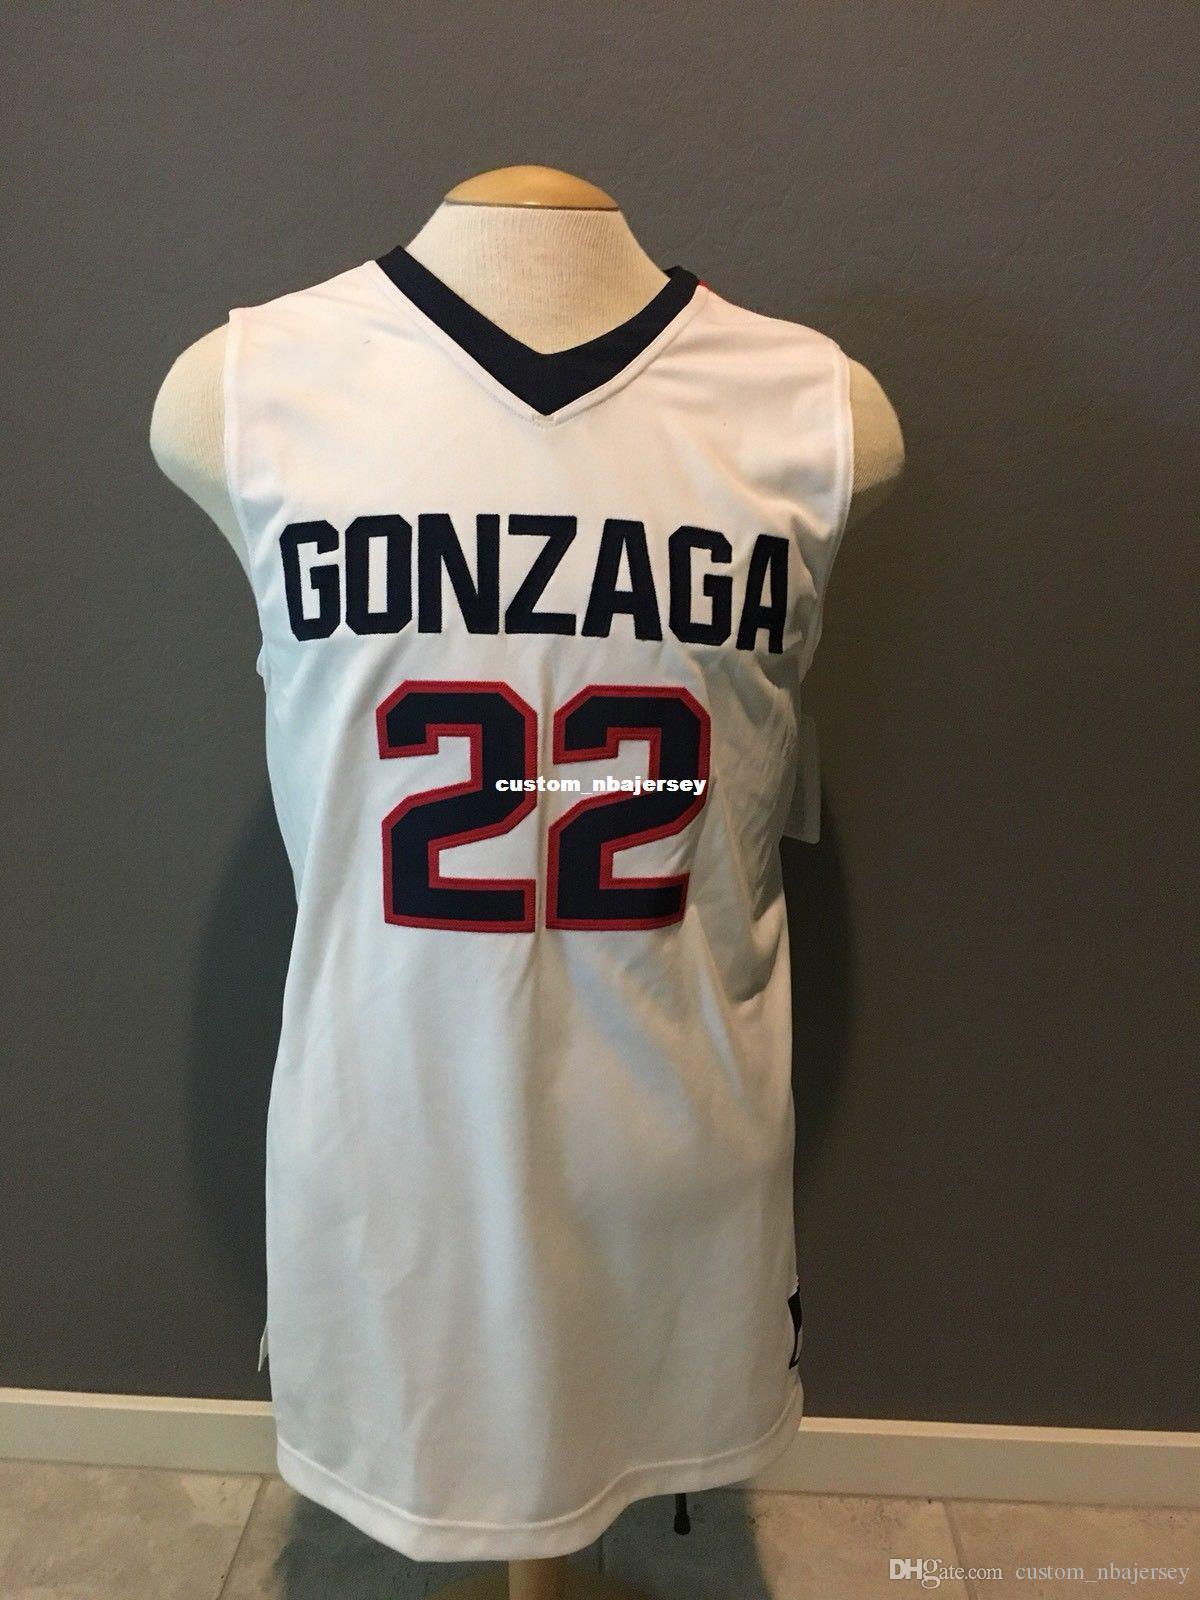 Günstige individuelle NEW Gonzaga Bulldogs Basketball Jersey nähte Fertigen Sie jede mögliche Zahl Name MEN WOMEN JUGEND XS-5XL